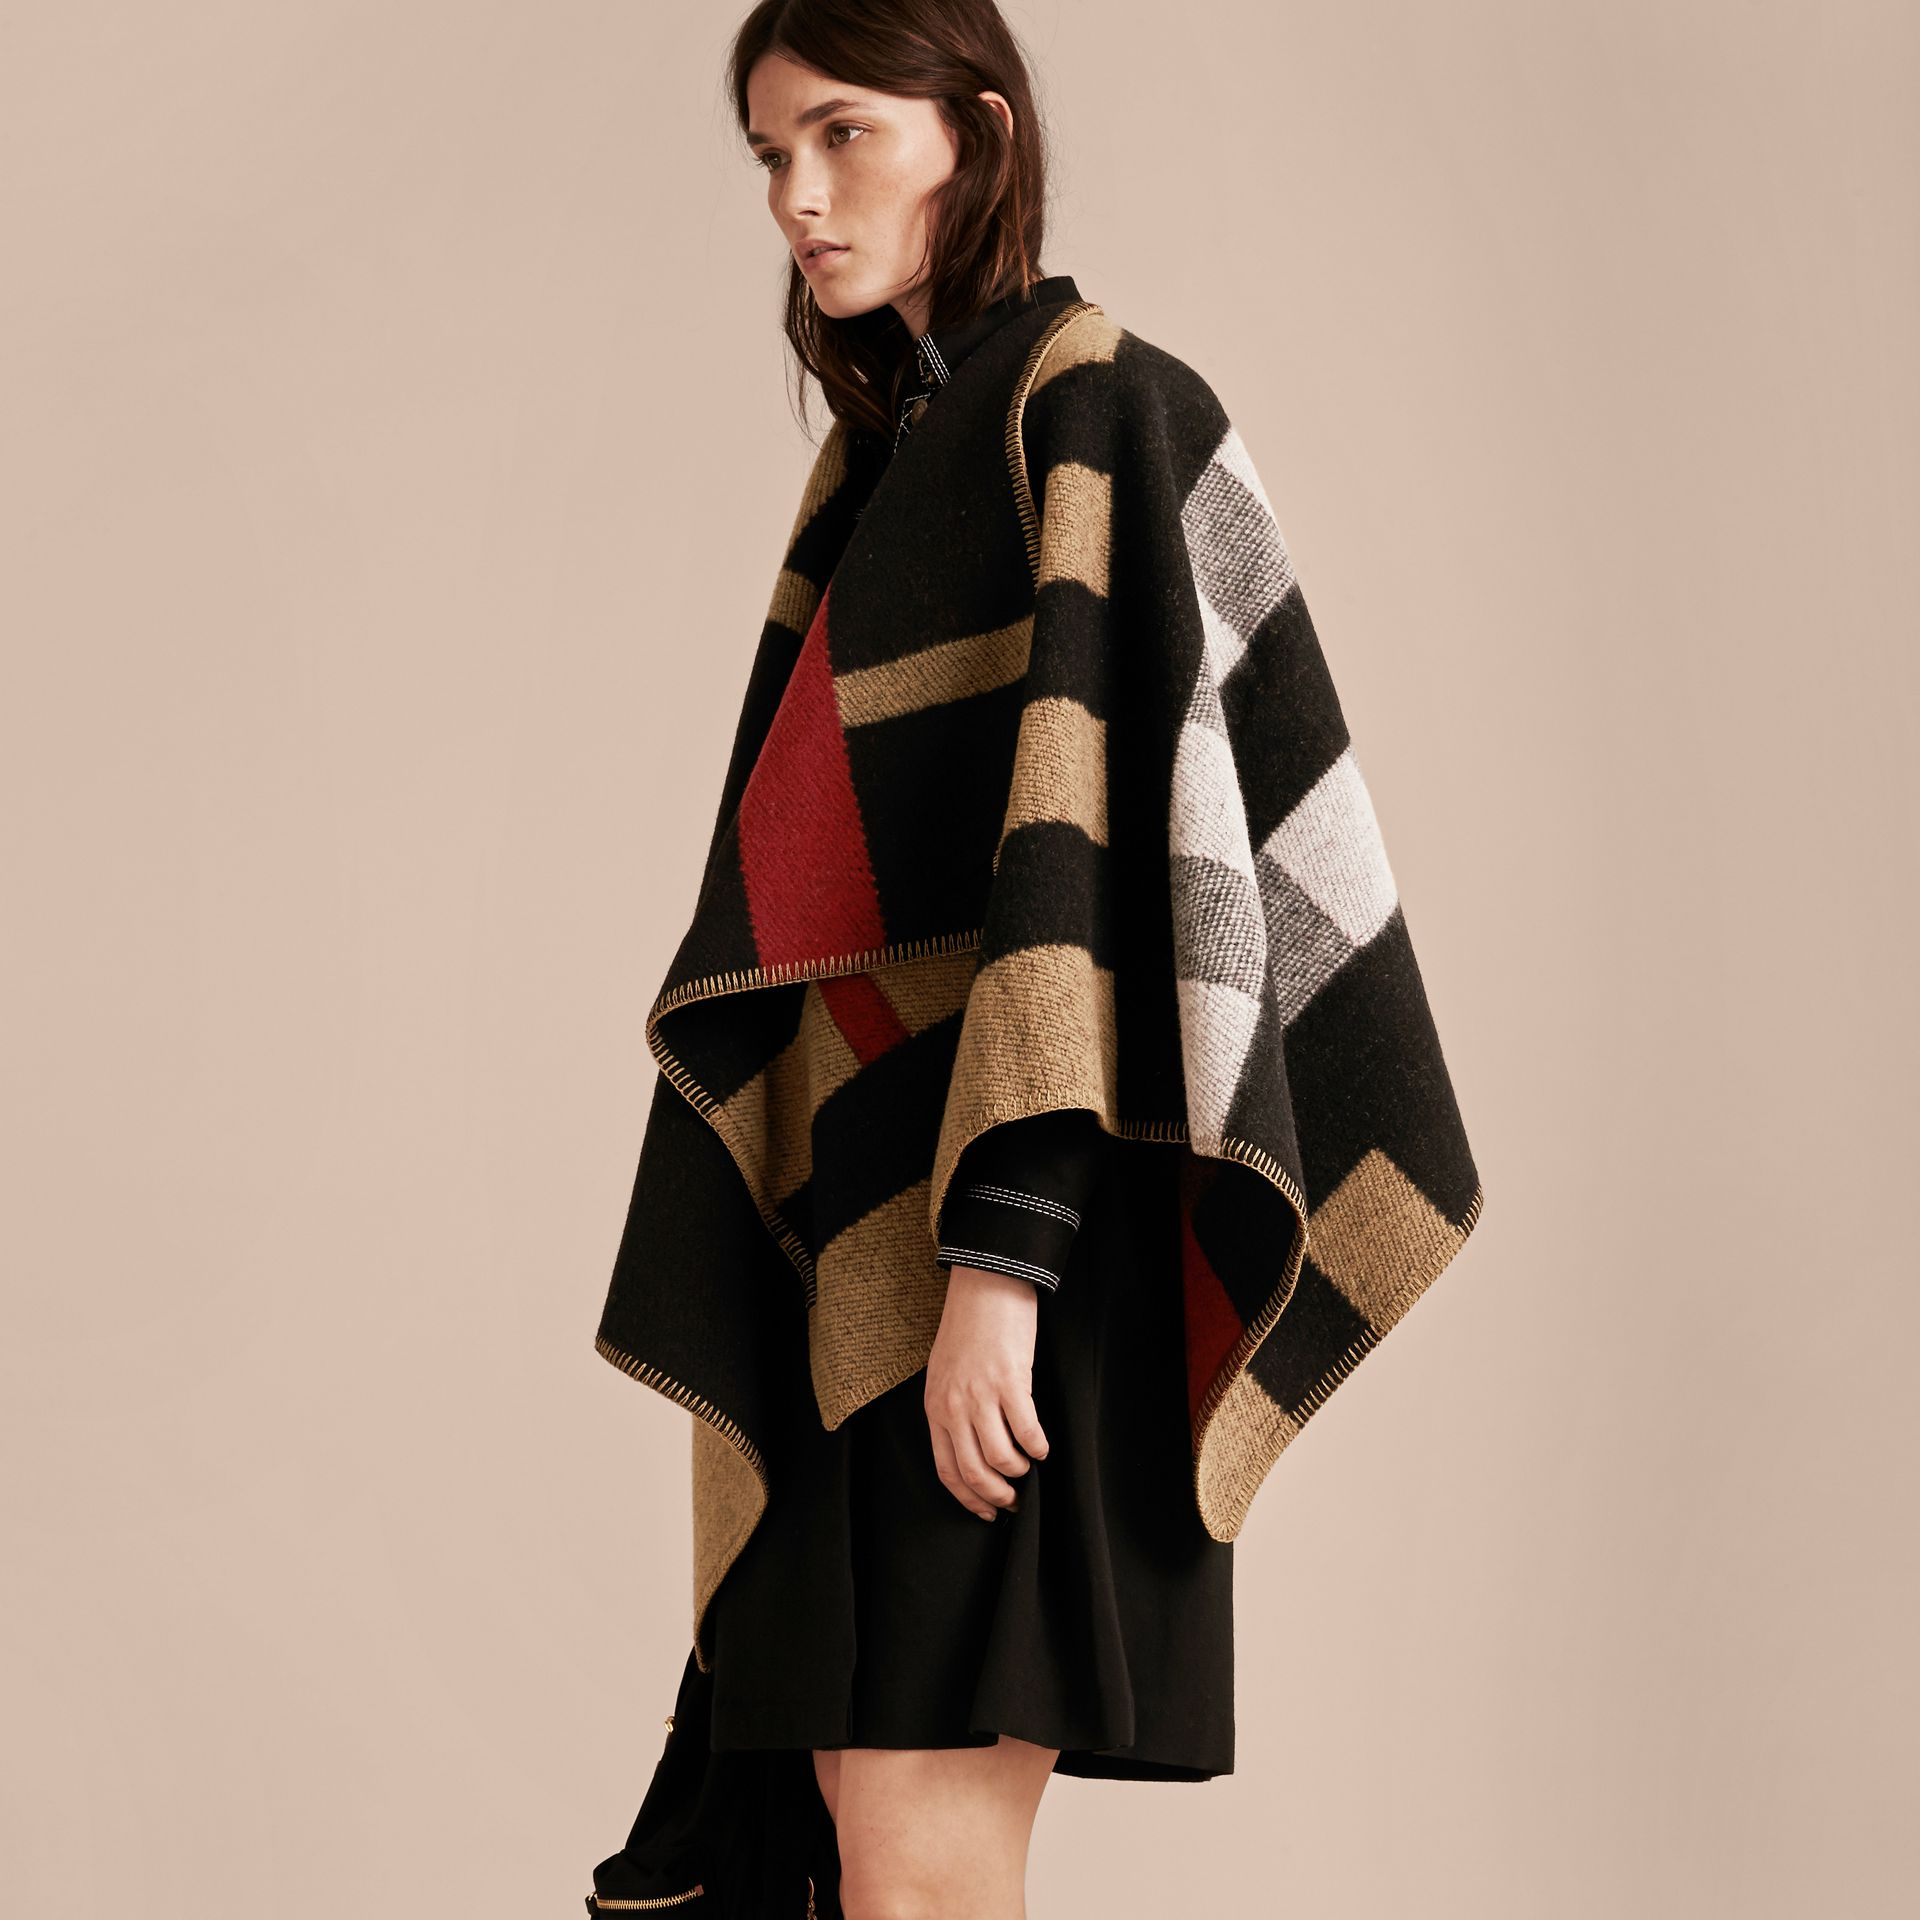 House check/noir Poncho plaid en laine et cachemire à motif check - photo de la galerie 7